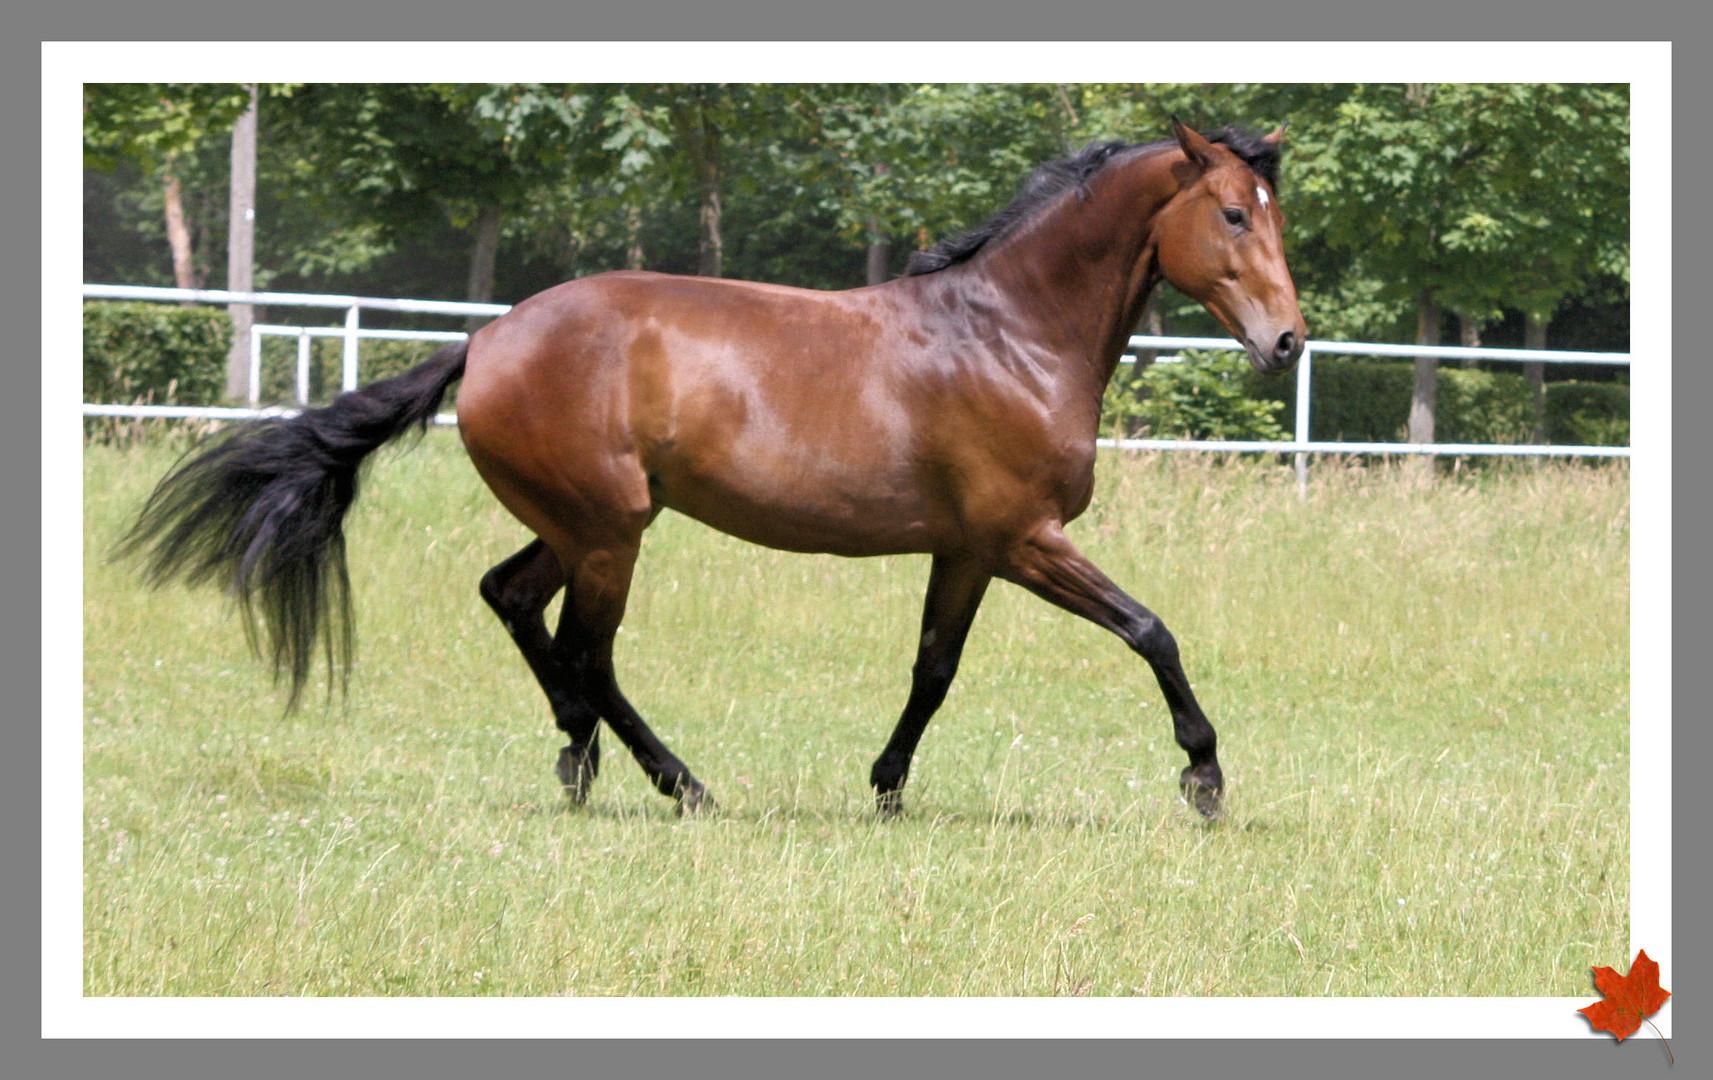 ... so dreht / trägt das Pferd der Zukunft den Schweif :-)